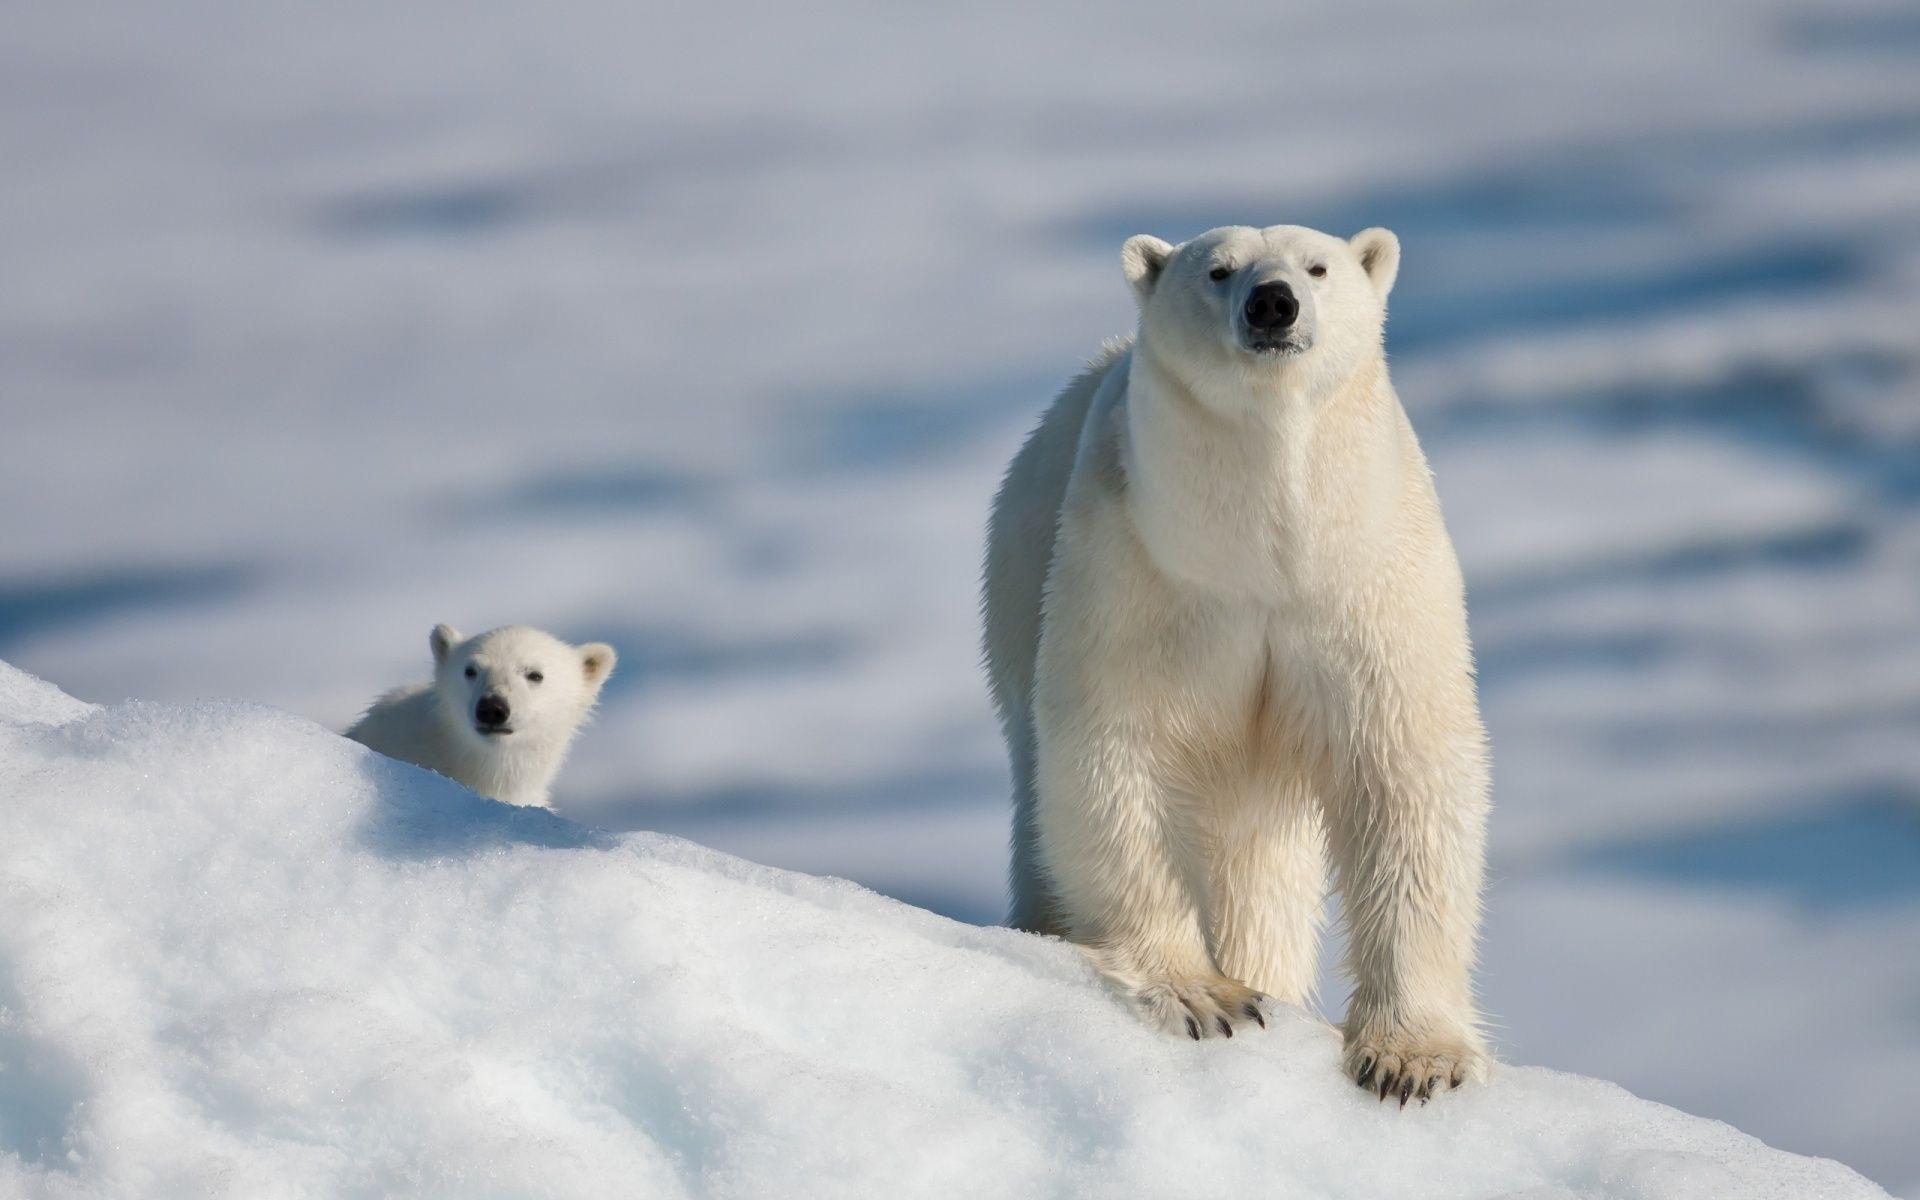 Ice Bears 1920 1200 Polar Bear Baby Polar Bears Cute Polar Bear Animal polar bears on ice wallpapers hd